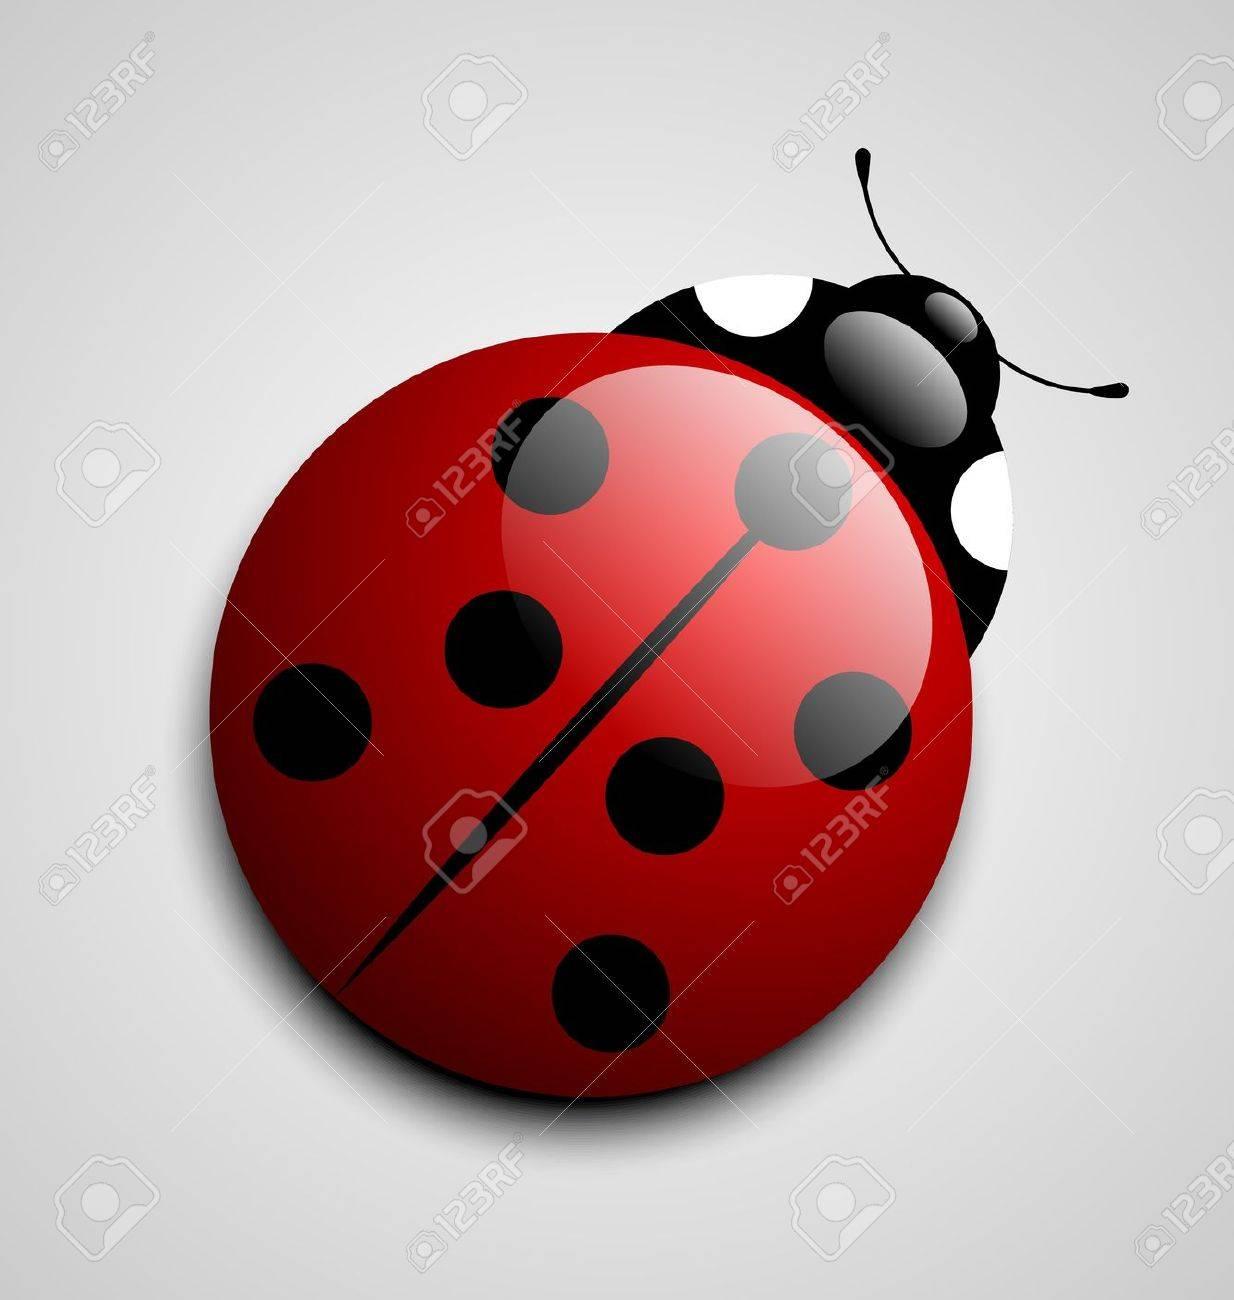 Glossy ladybug icon isolated on grey background - 14538649